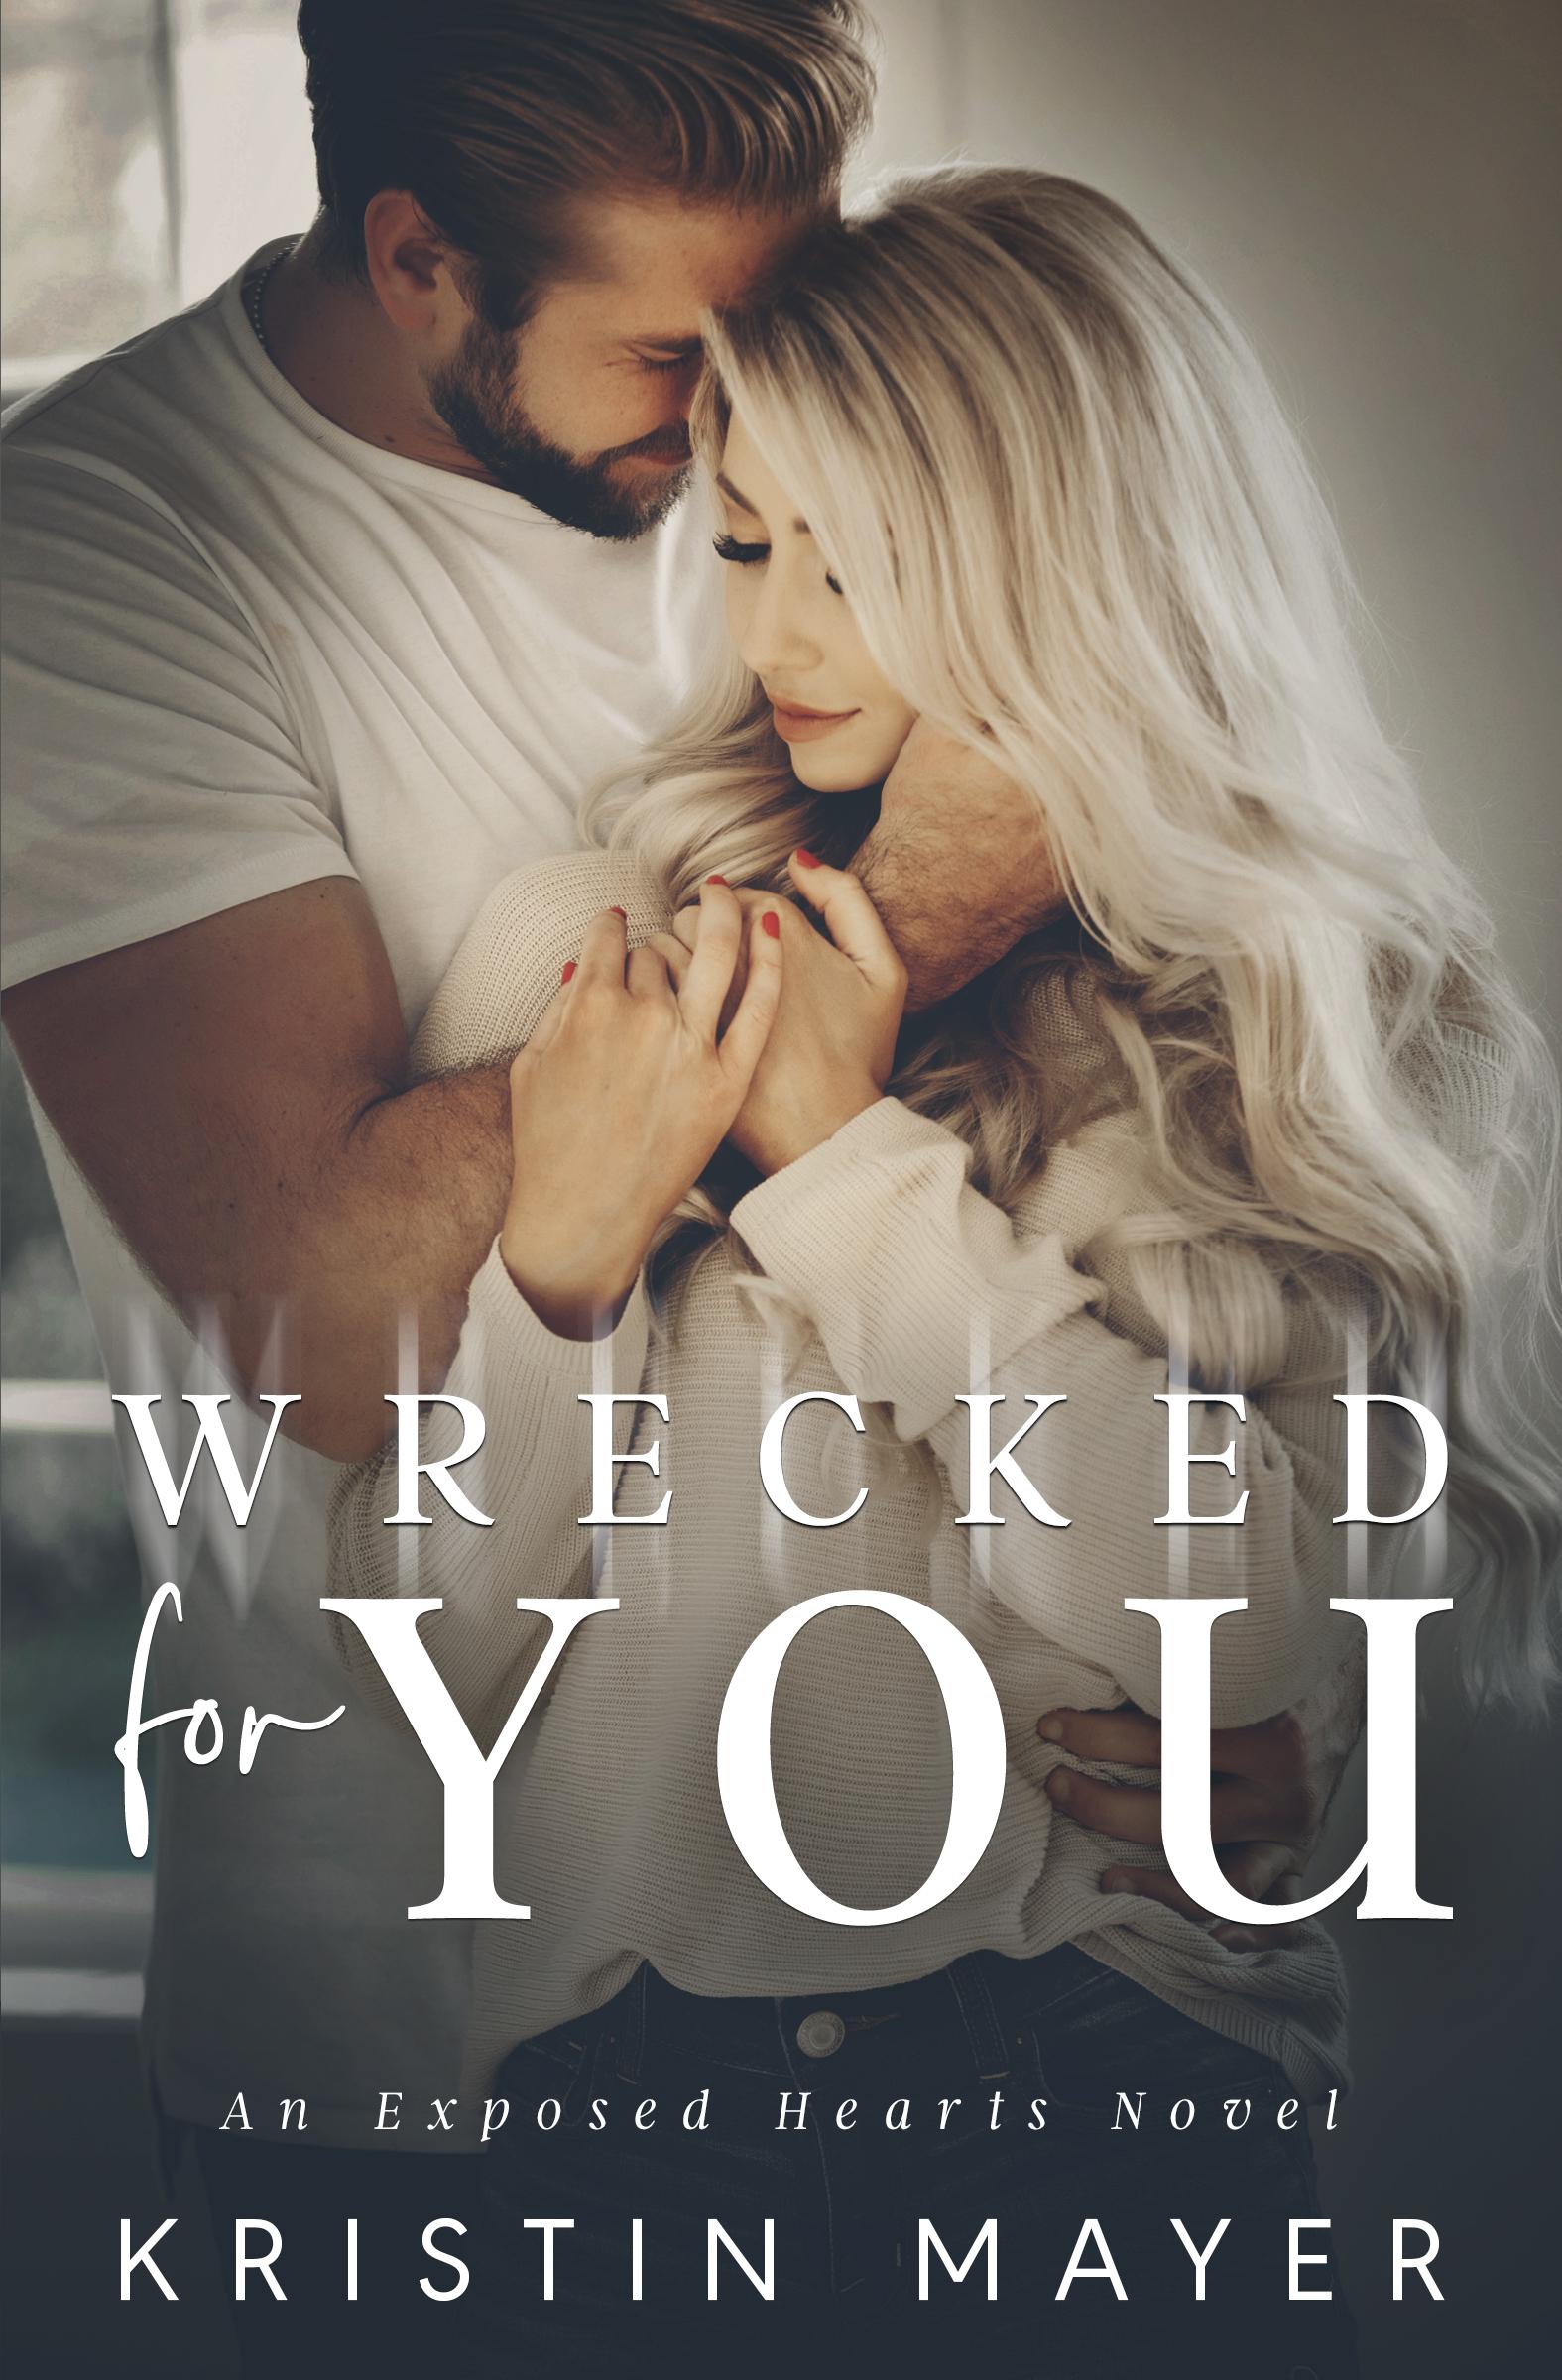 WreckedForYou_FrontCover